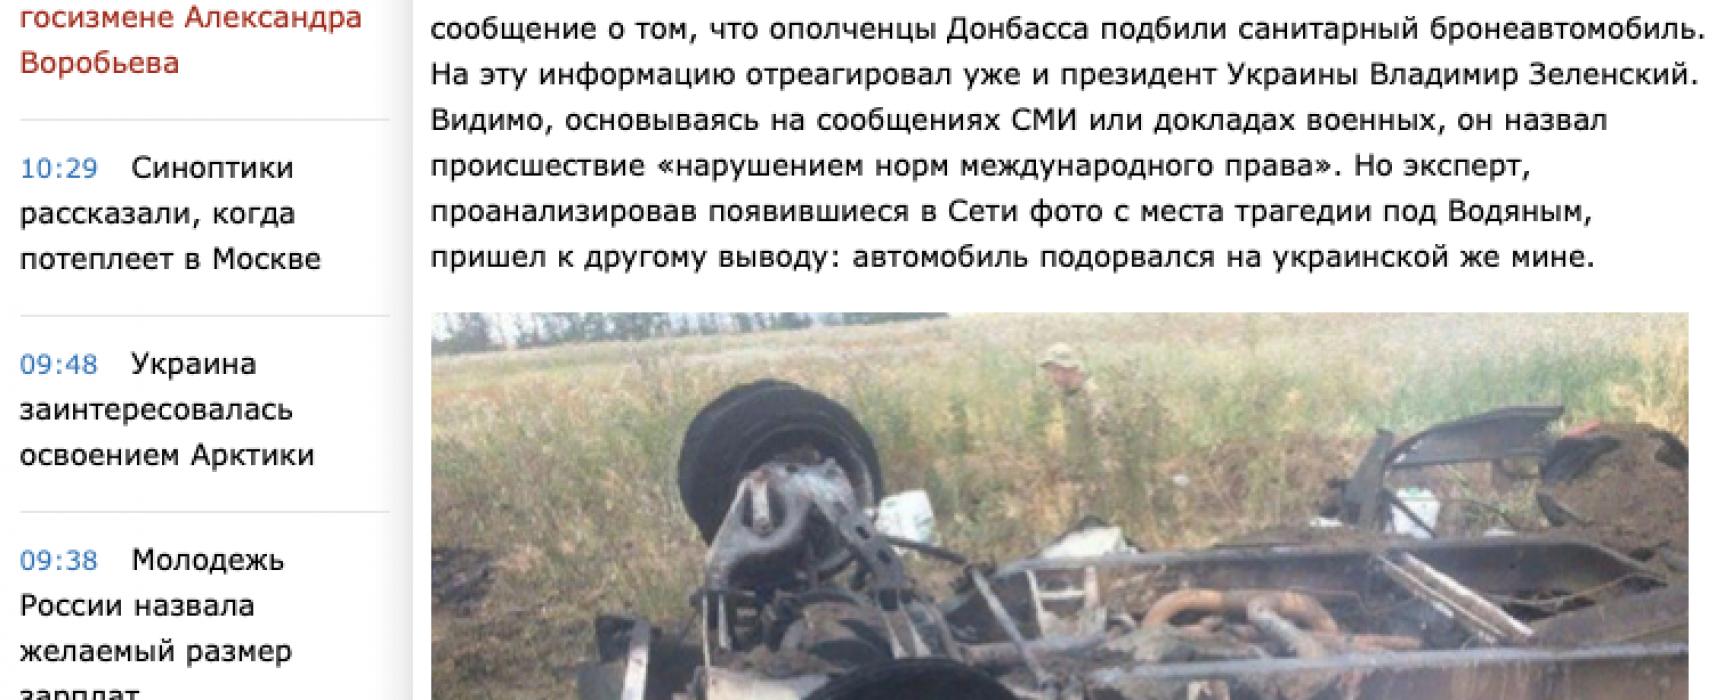 Фейк: Украинские военные обманули президента Зеленского